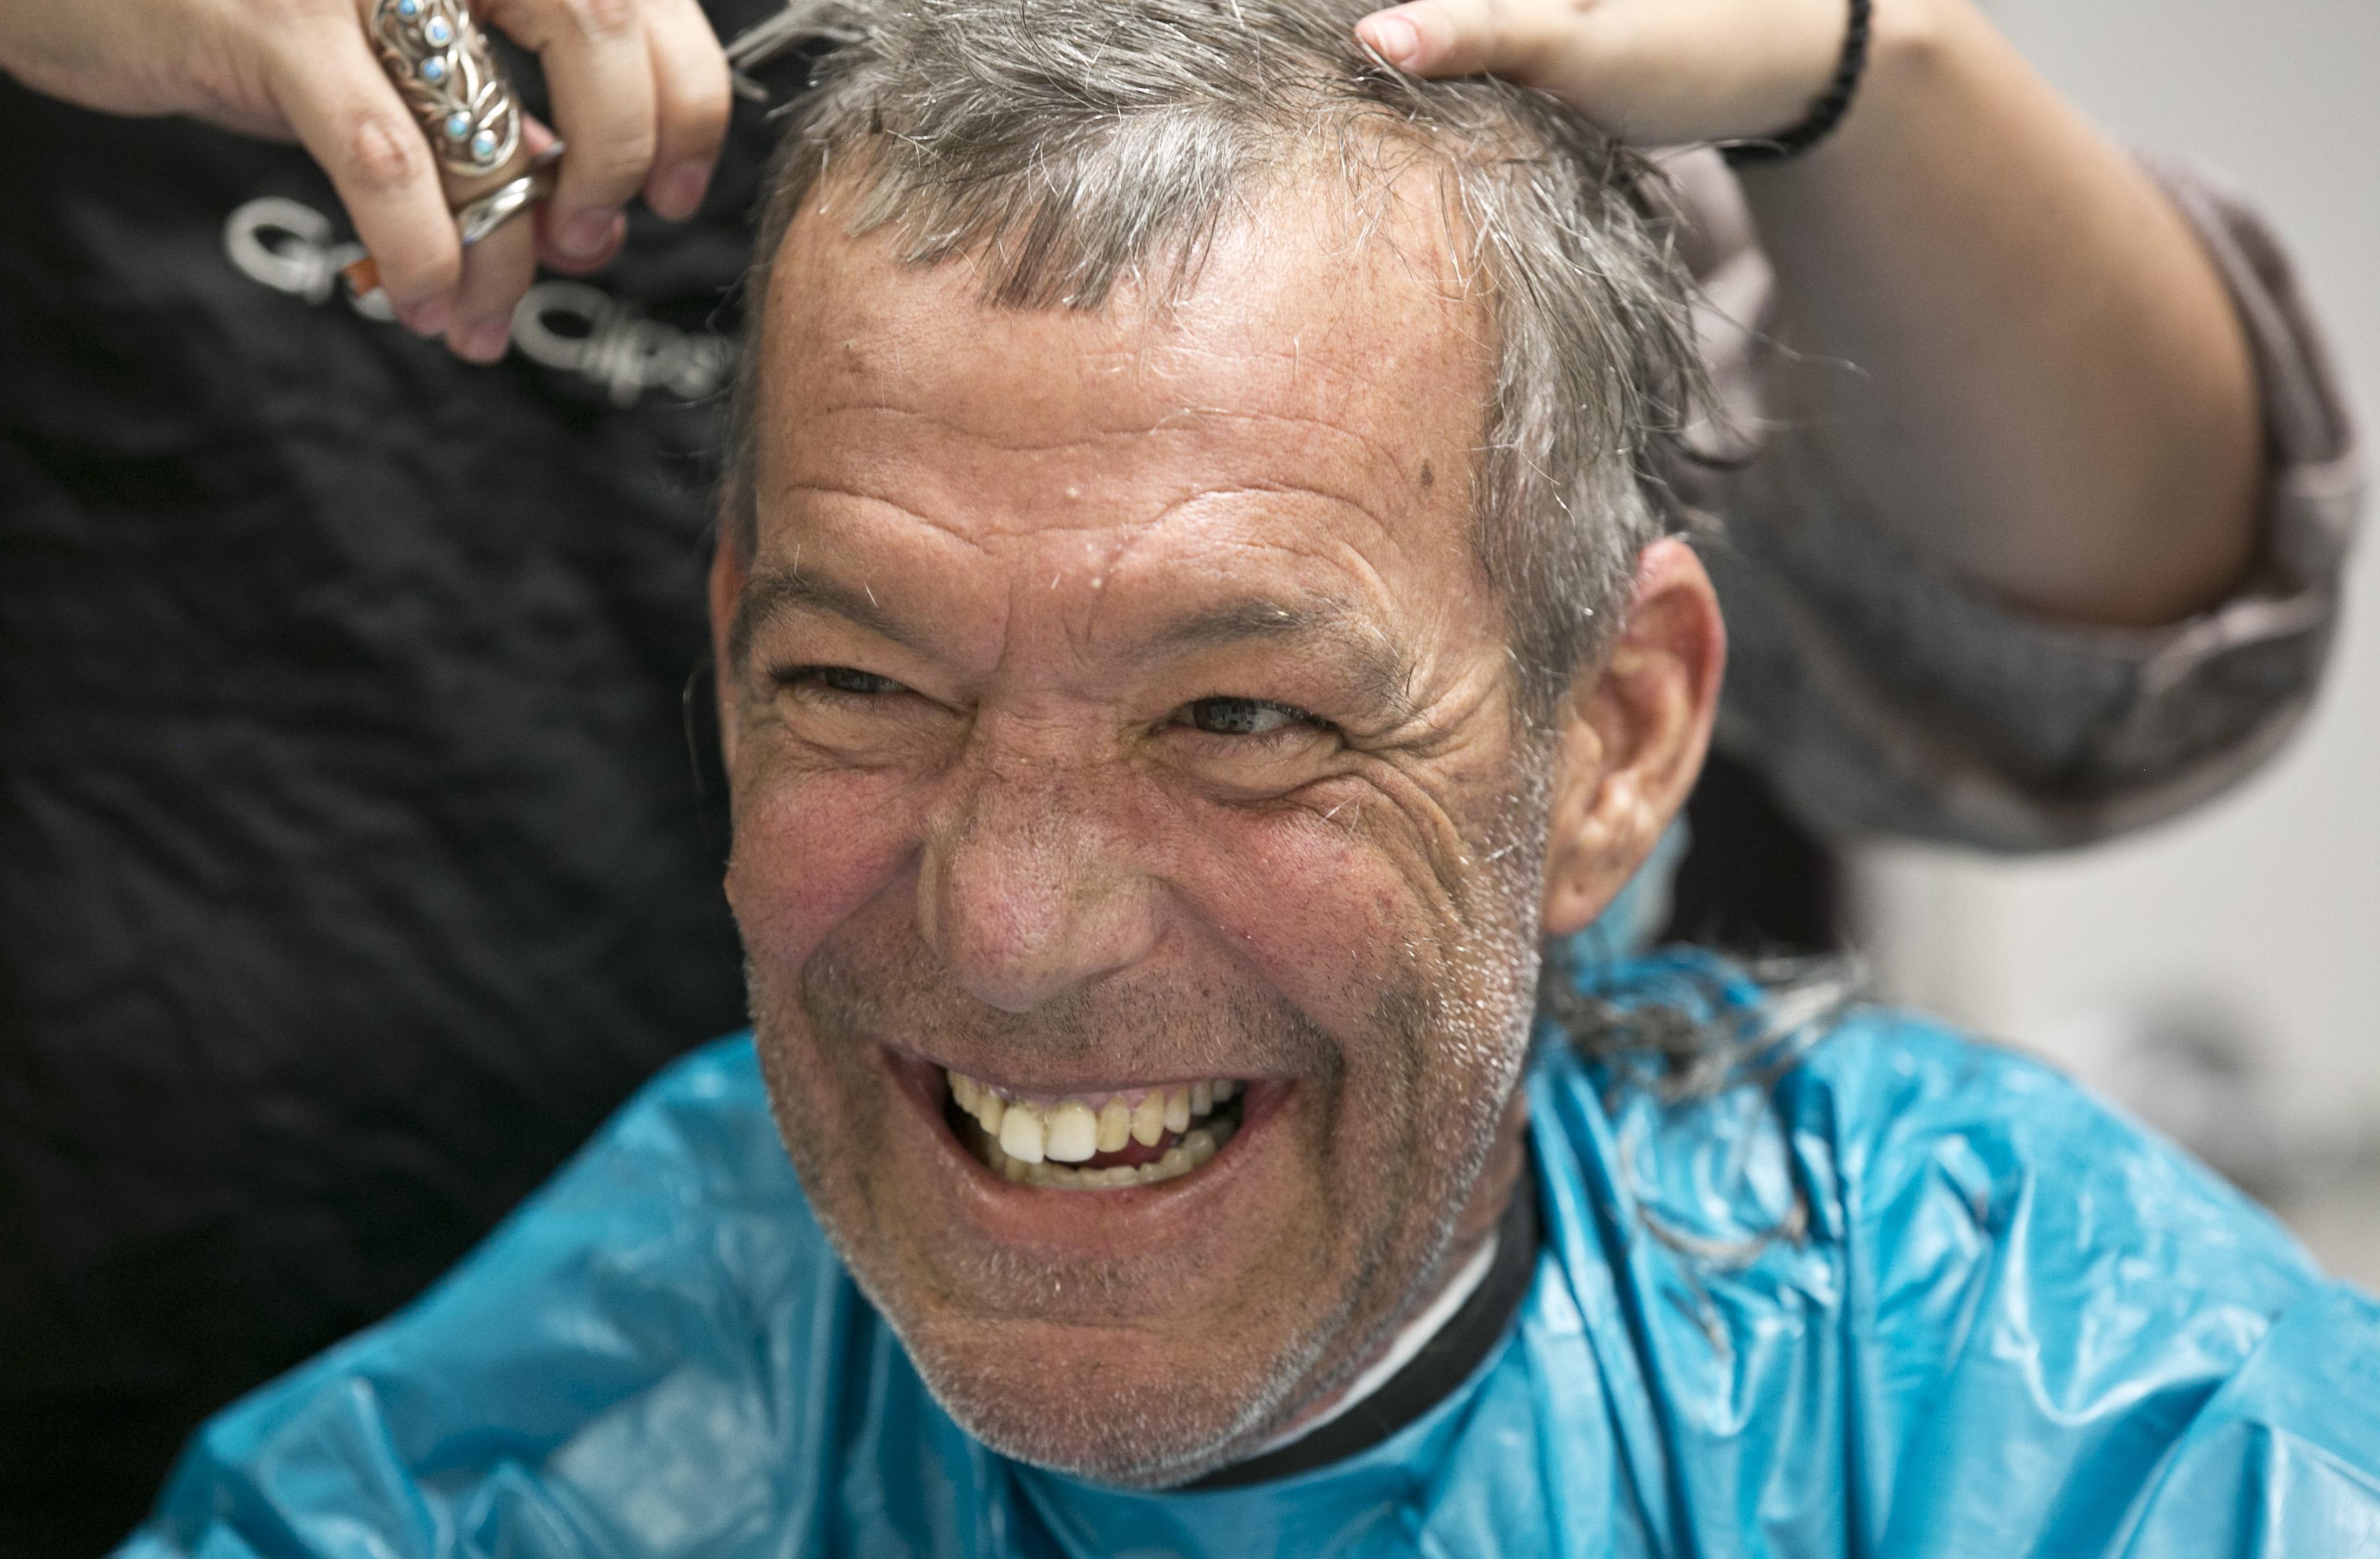 Photo: Homeless haircuts 1 | Craig Willams